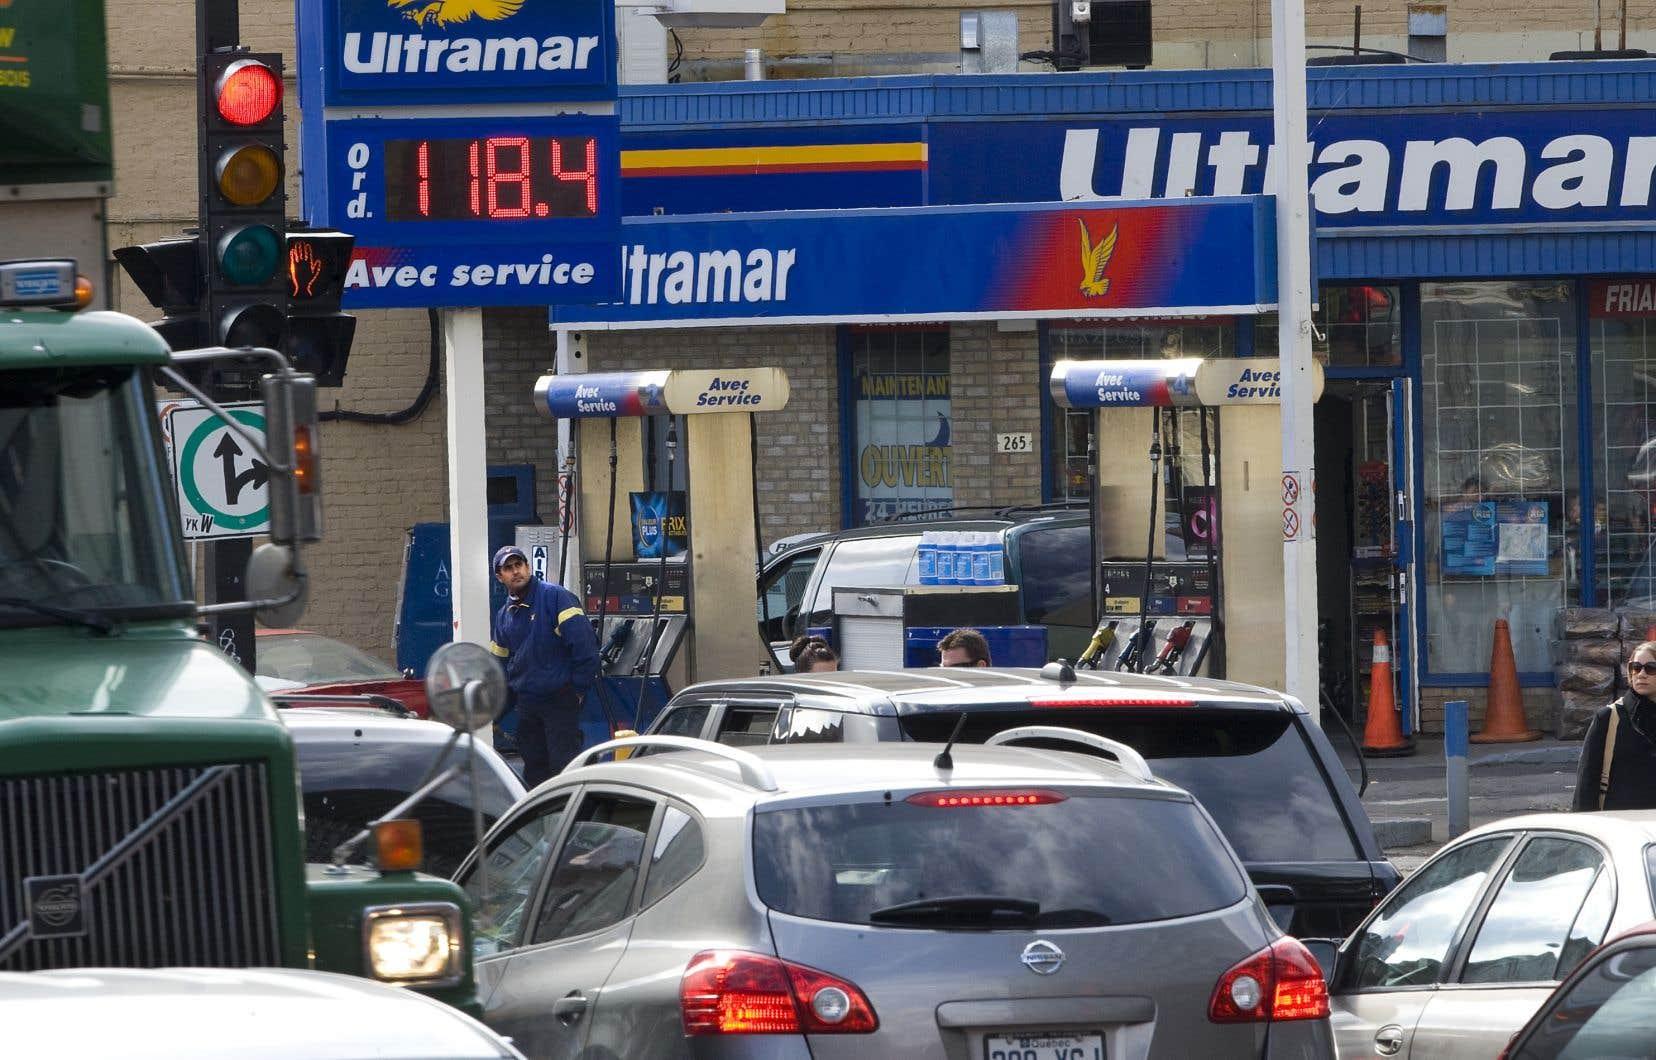 Les prix de l'essence à la pompe ont reculé de 5,4% par rapport à l'an dernier, en raison de la baisse mondiale des cours du pétrole.